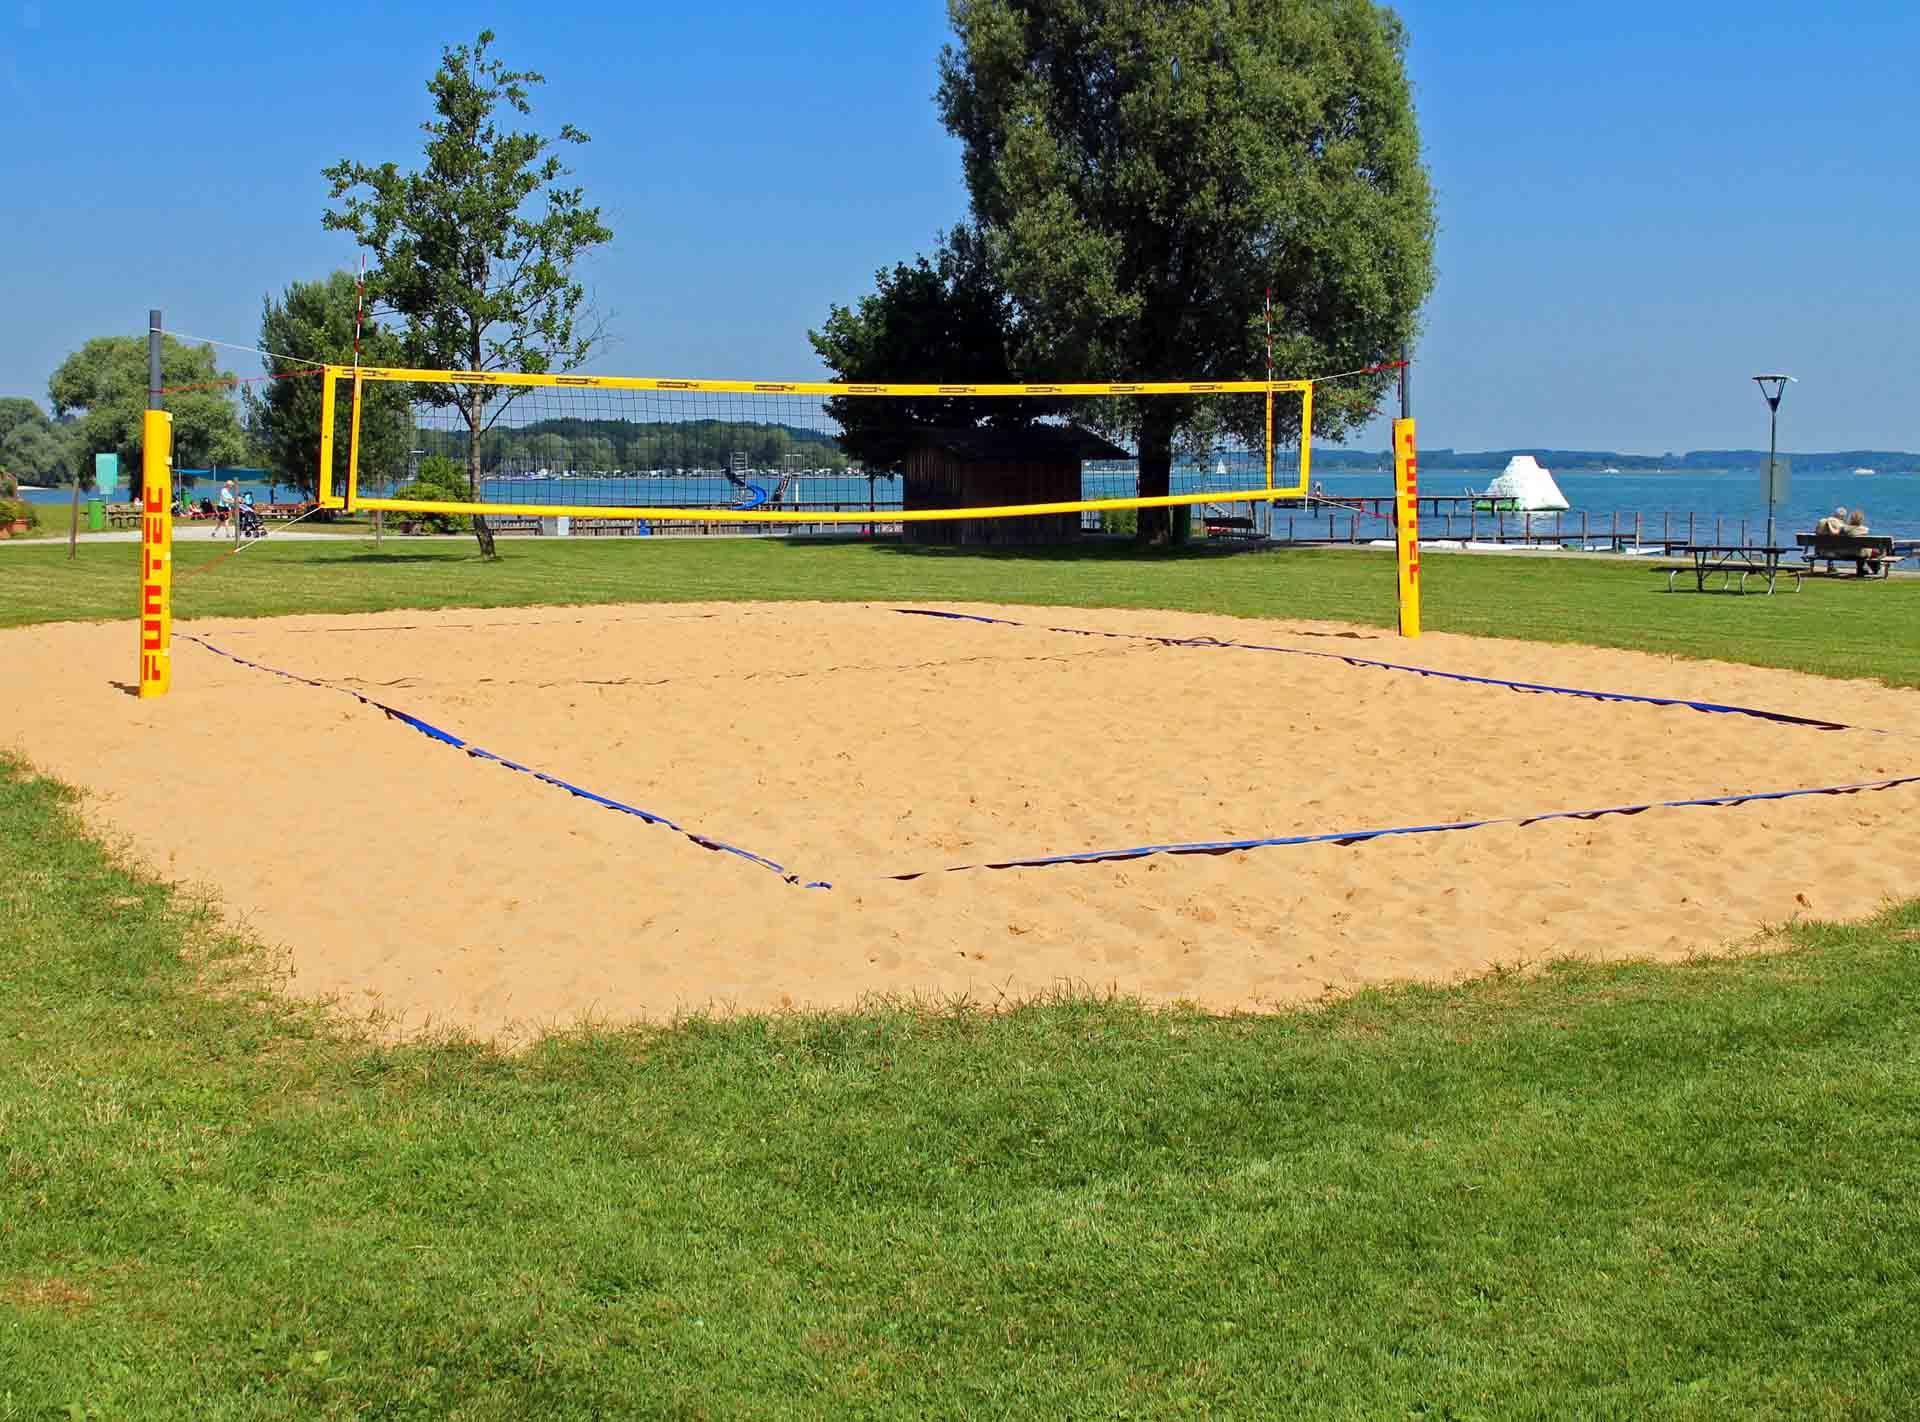 Sandfuchs Sandreinigung wir reinigen Ihr Beachvolleyballfeld